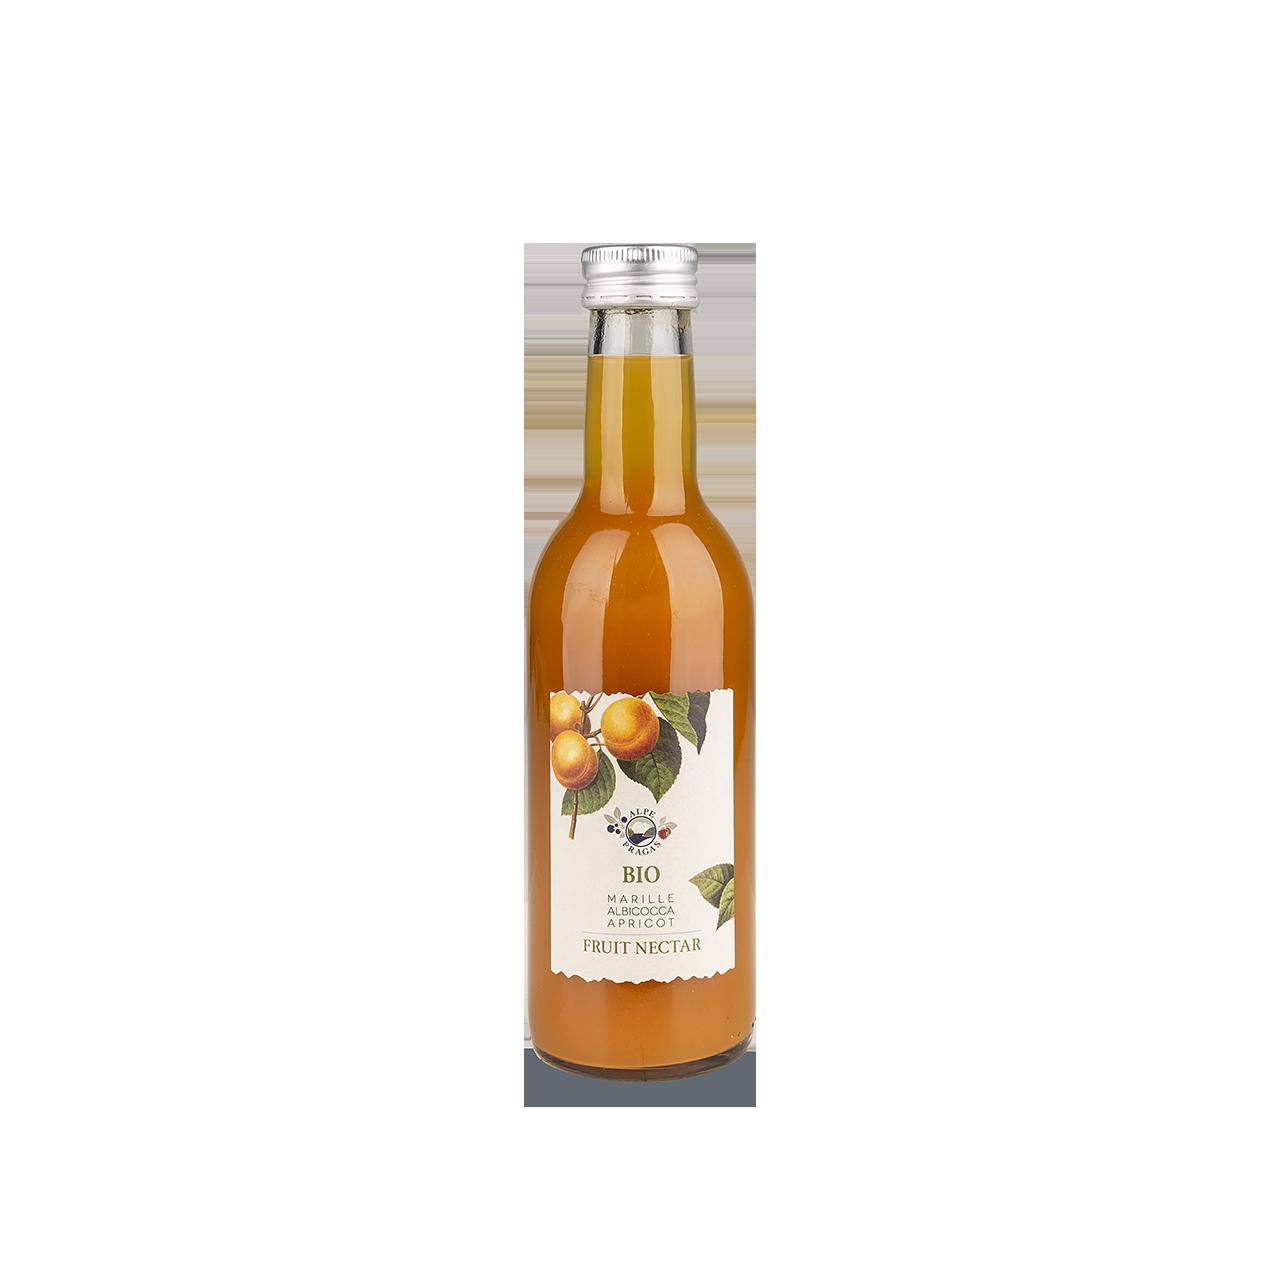 Alba Fruchtnektar Marille Bio 250ml